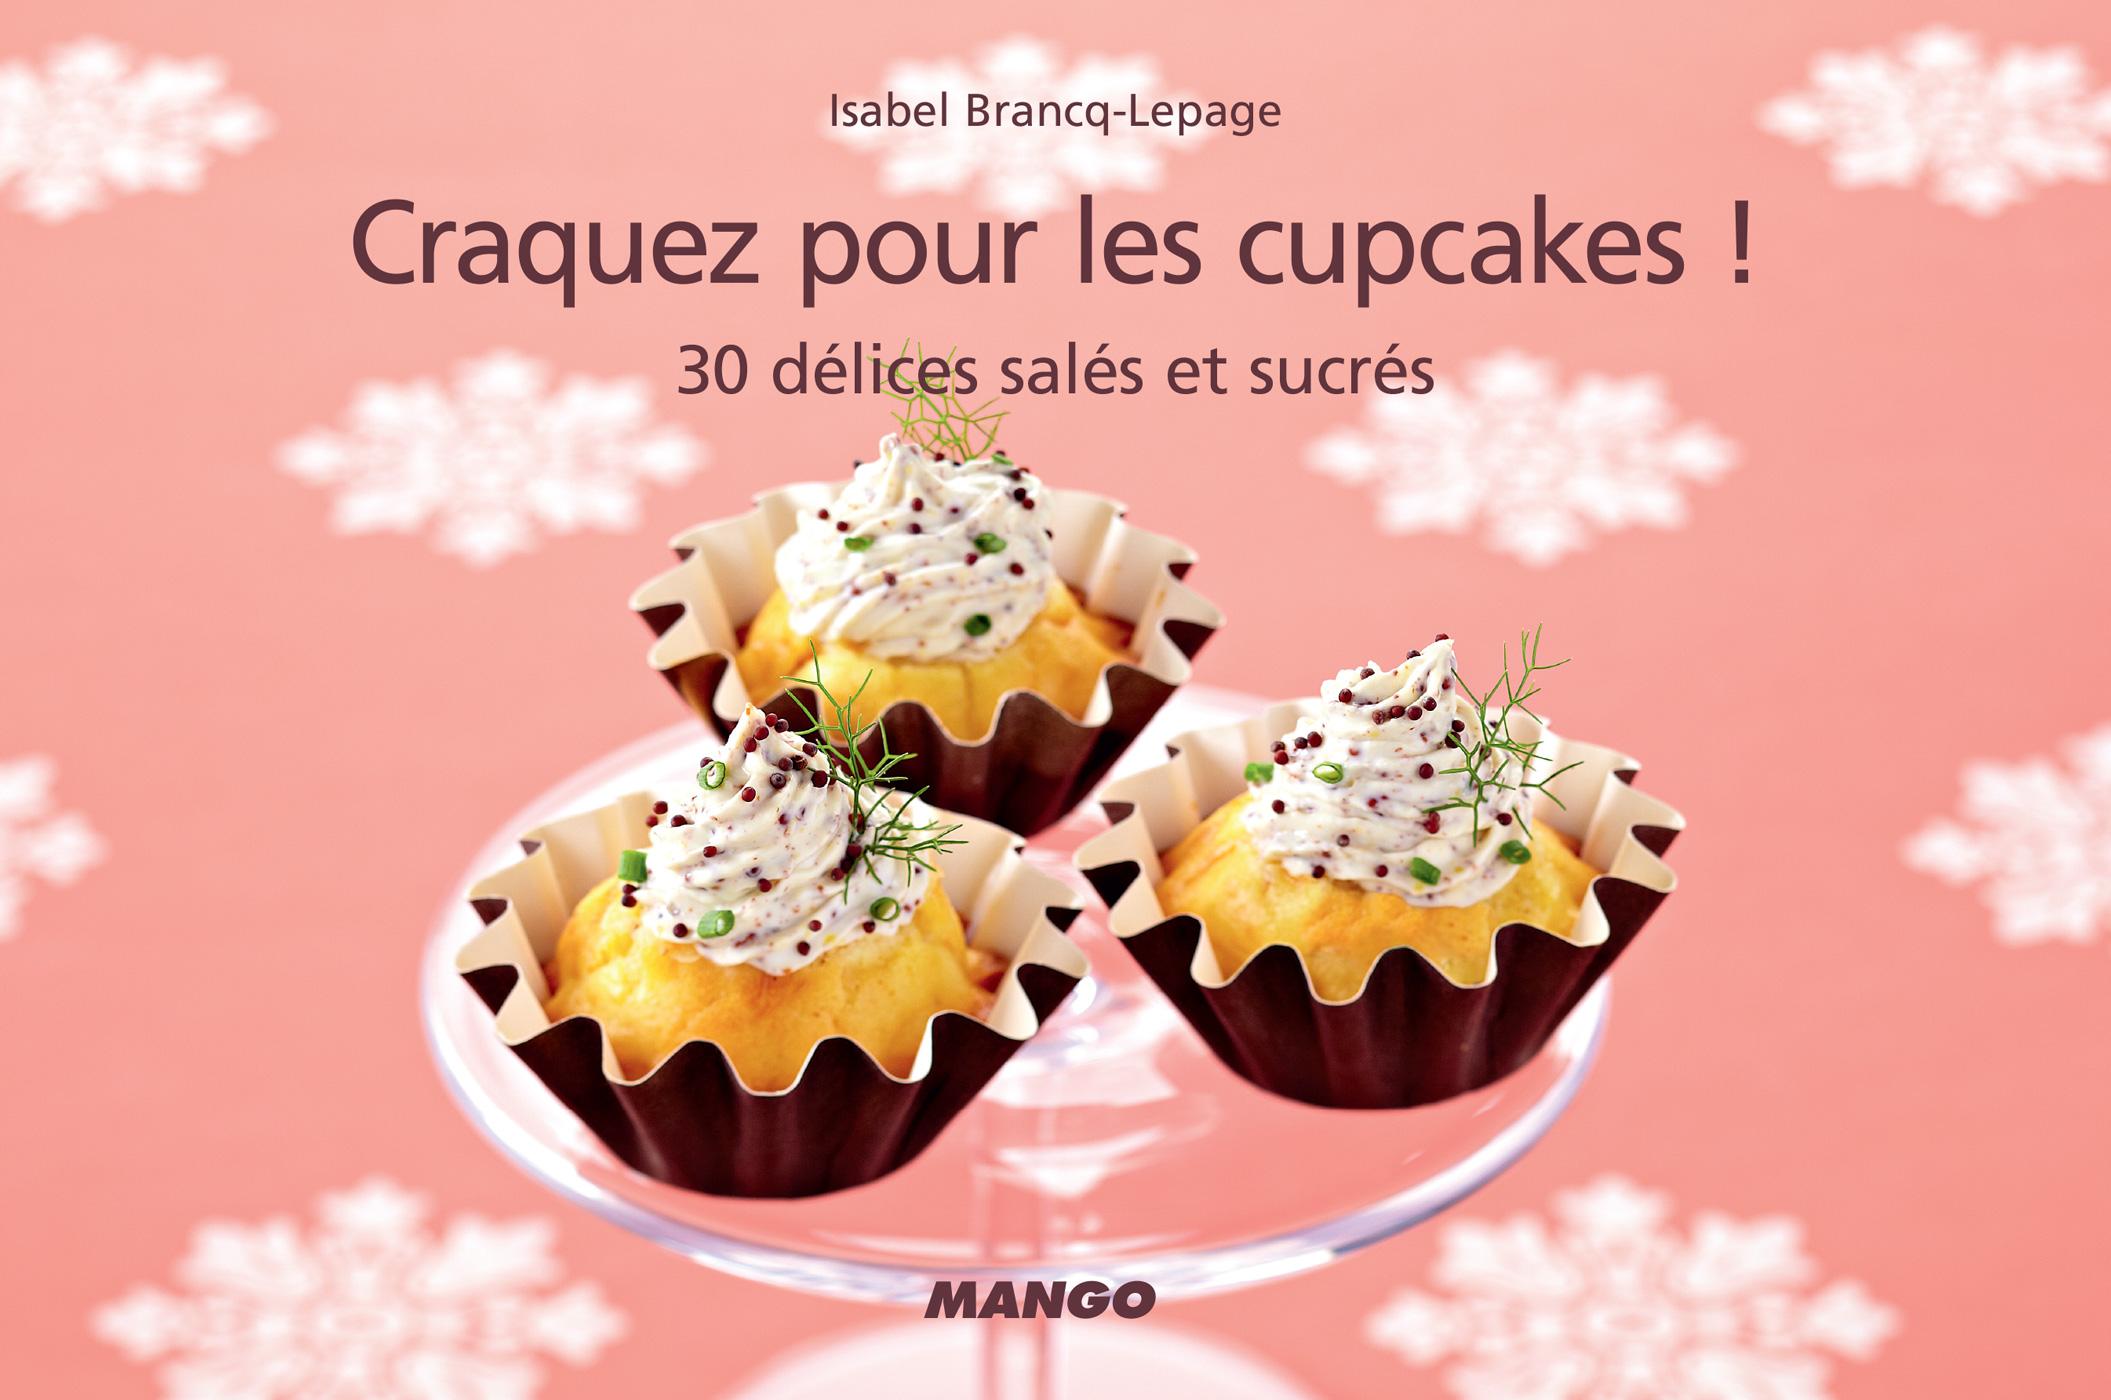 Craquez pour les cupcakes !